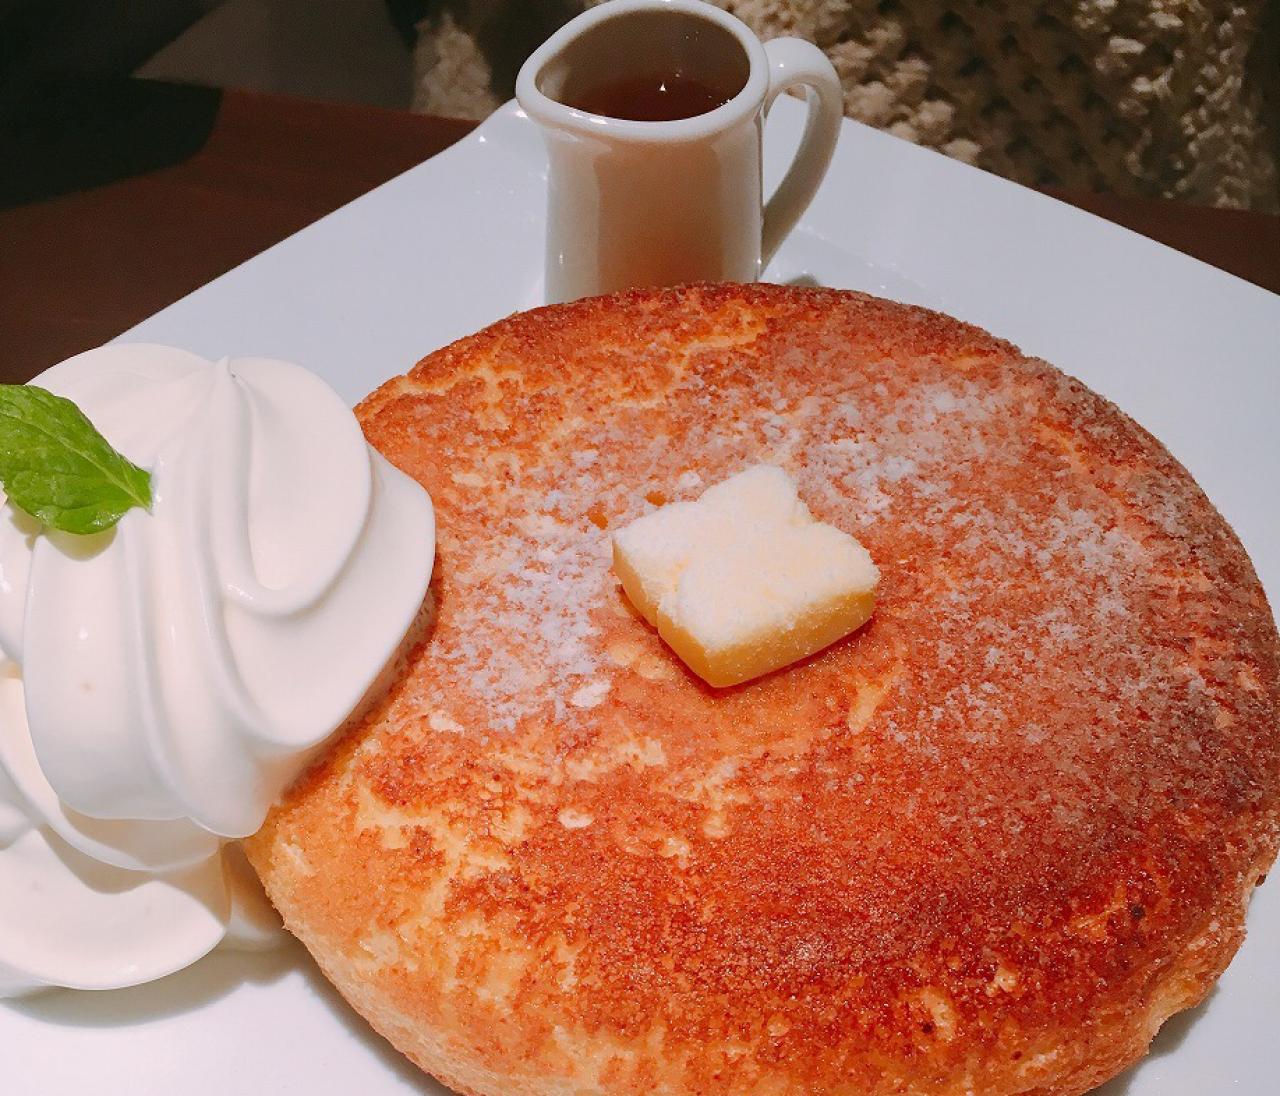 神保町の行列ができる喫茶店「TAM TAM」のふわふわ石窯パンケーキ